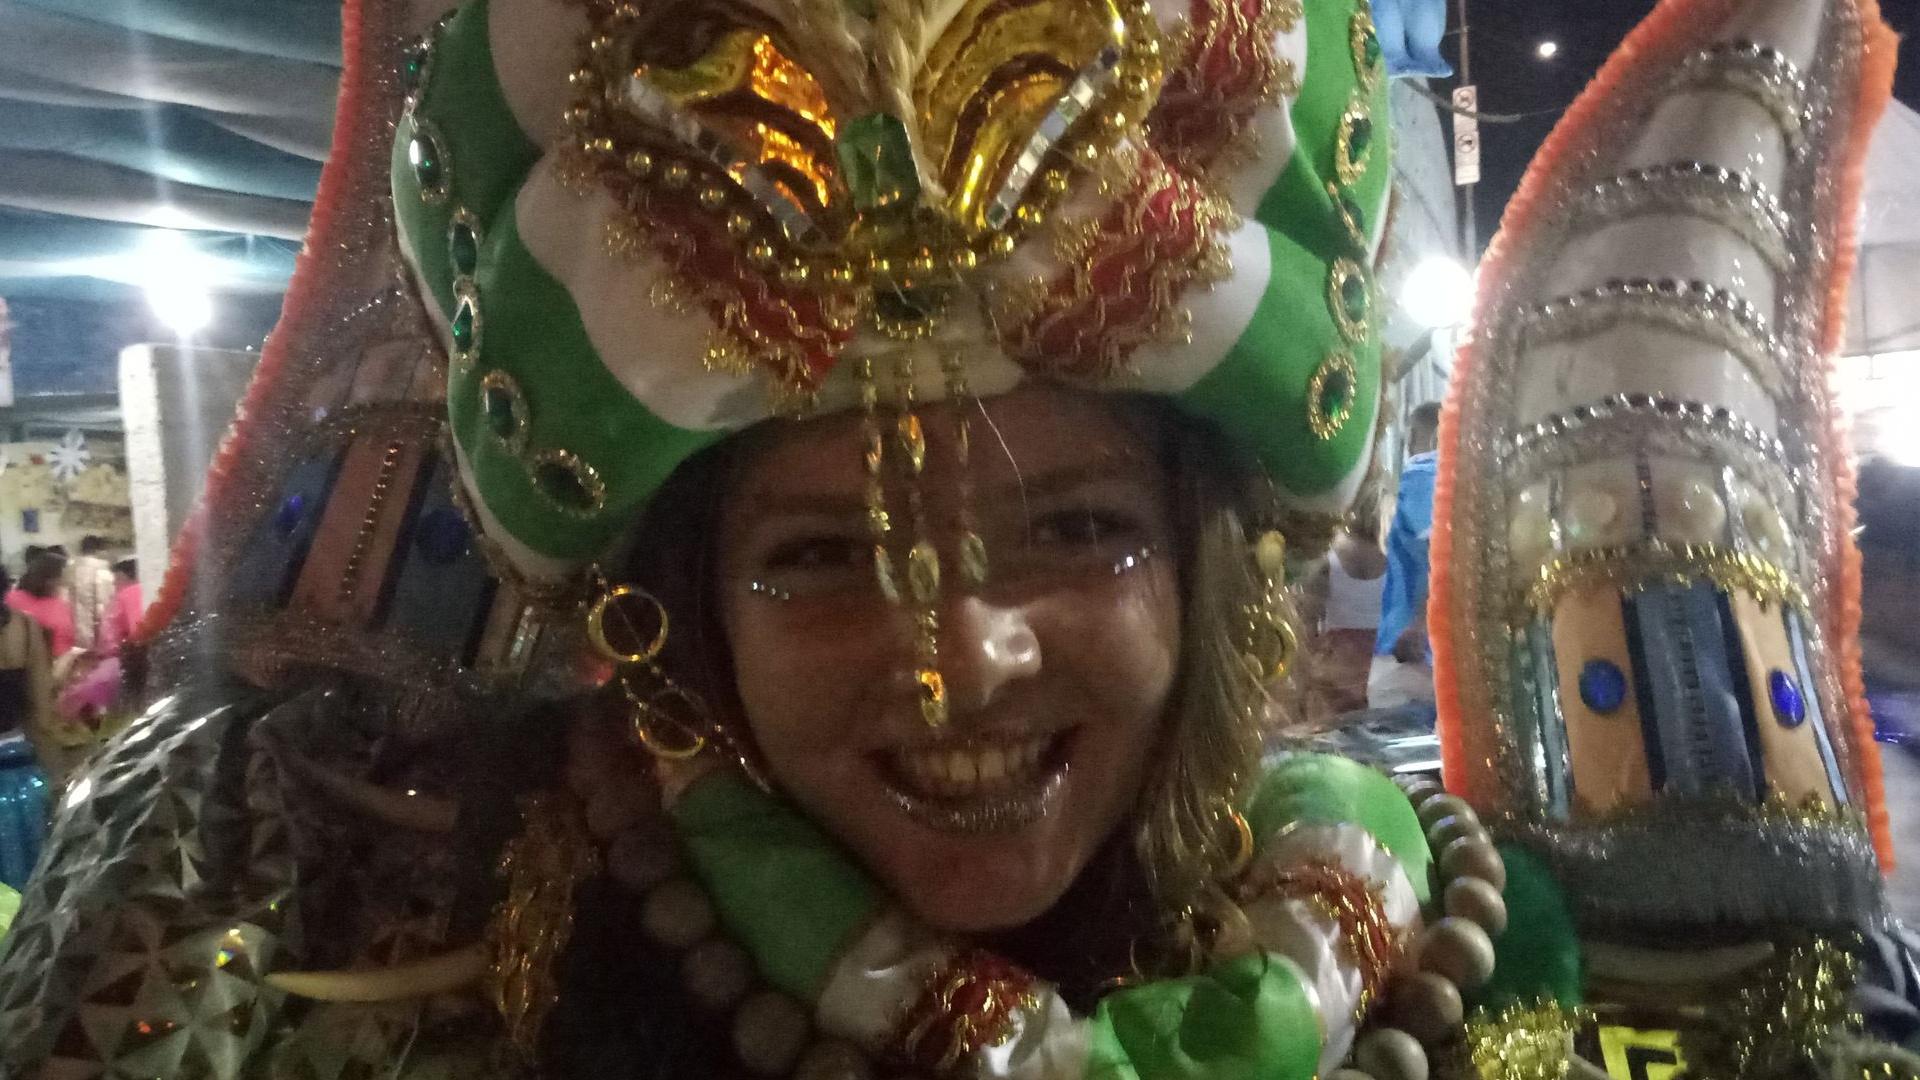 Nikdy bych neřekla, že budu součástí brazilského karnevalu